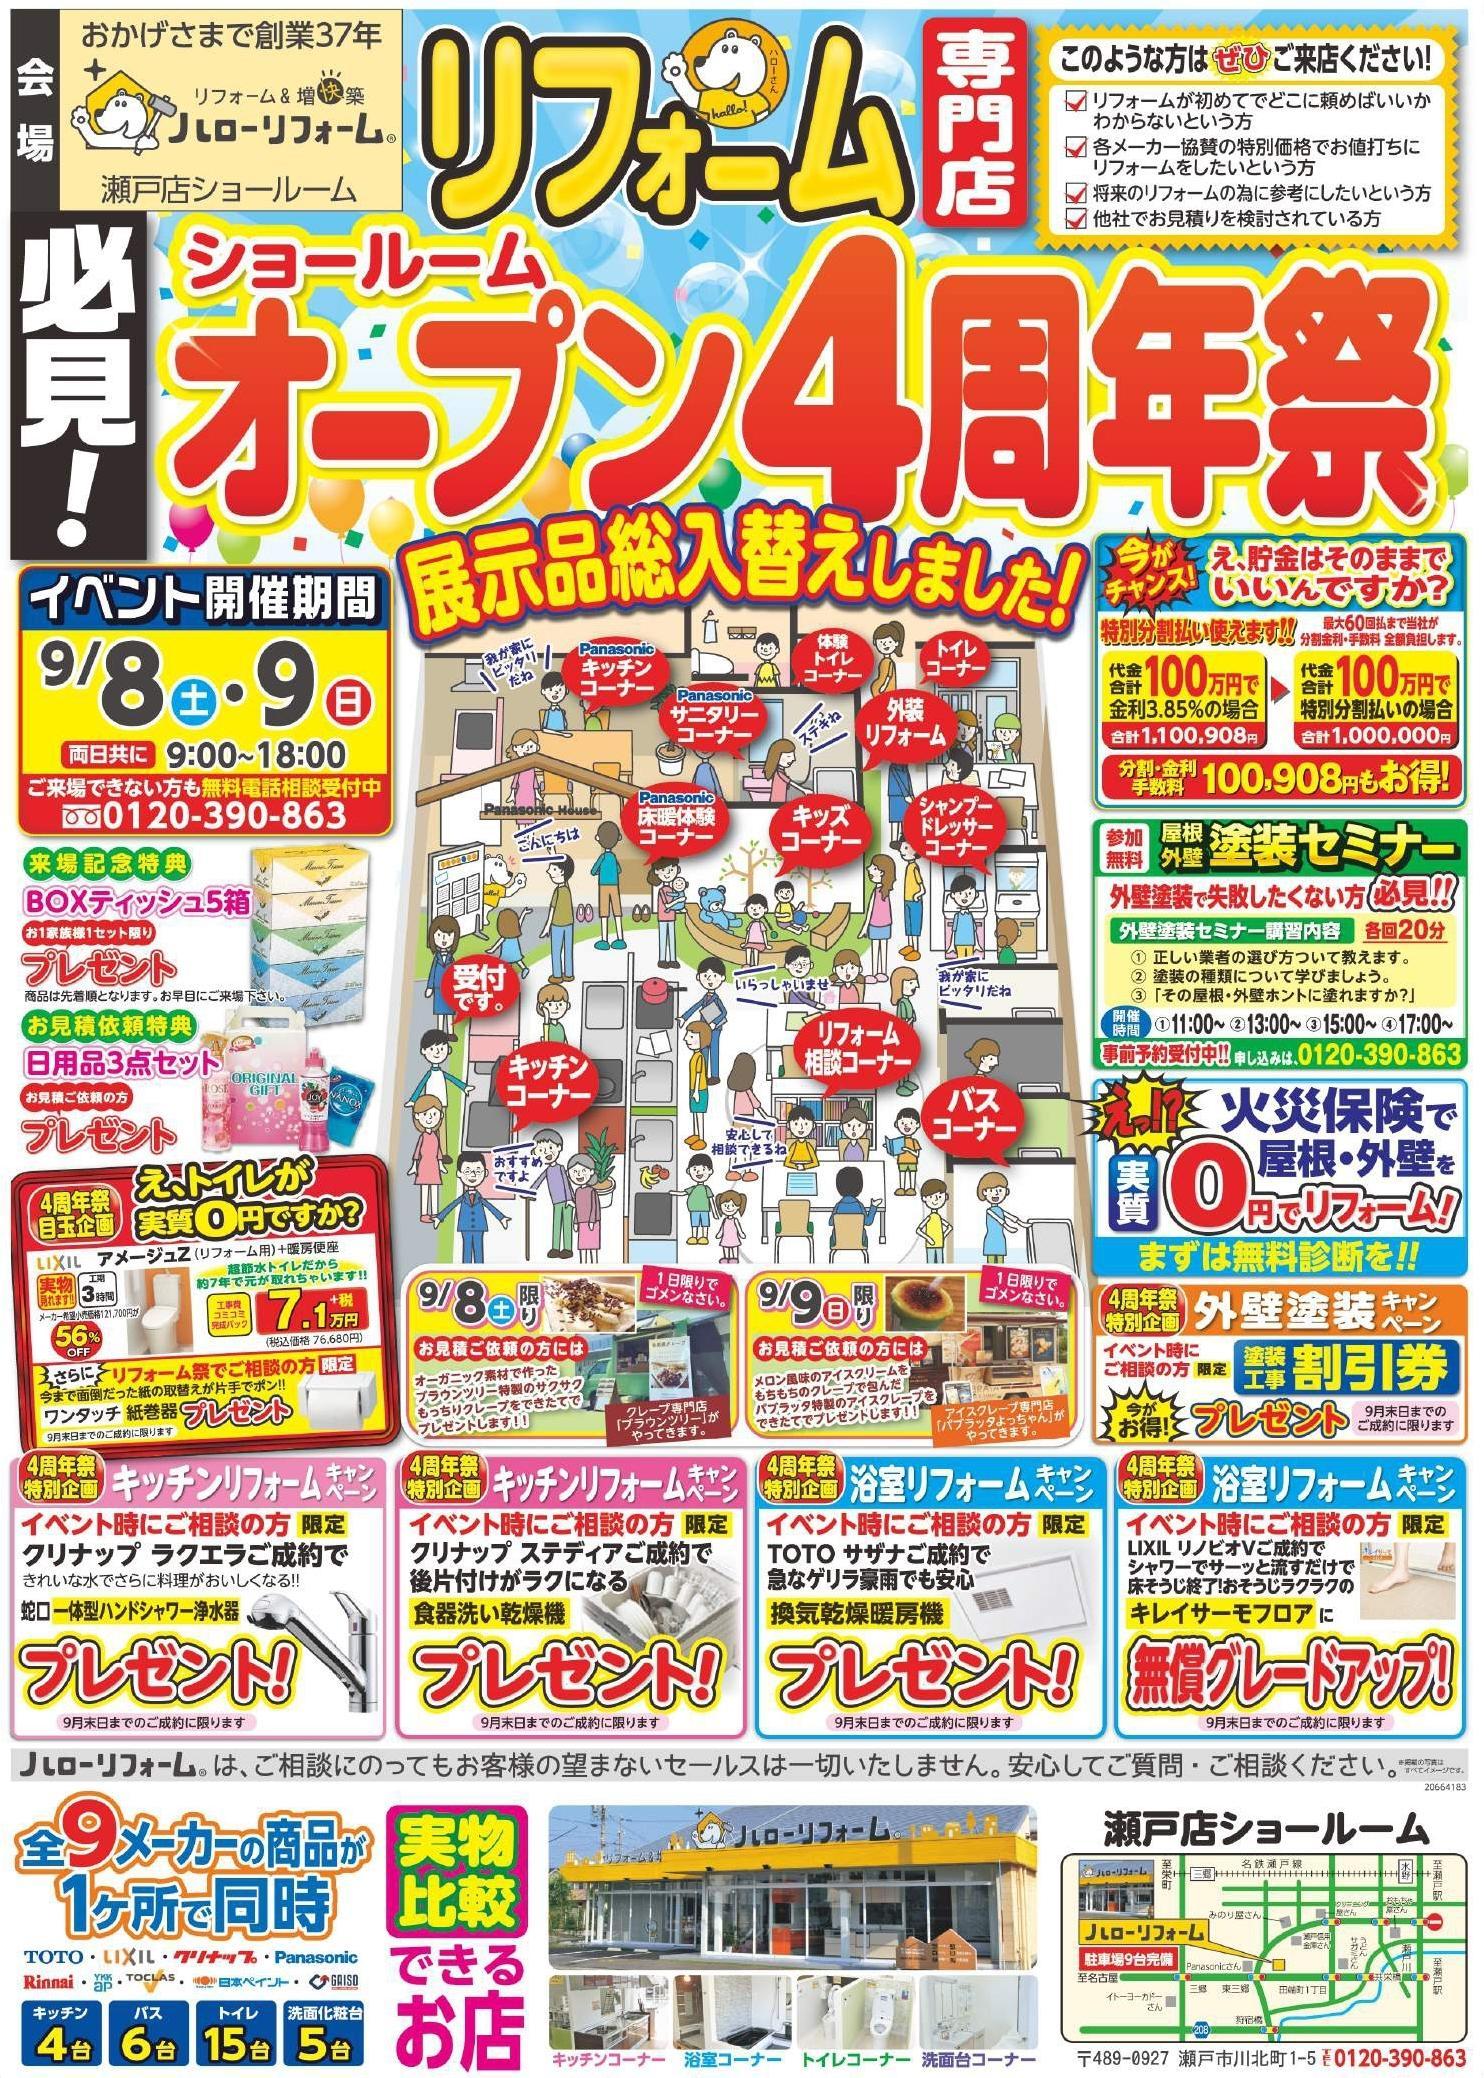 ショールームオープン4周年祭 (瀬戸店)